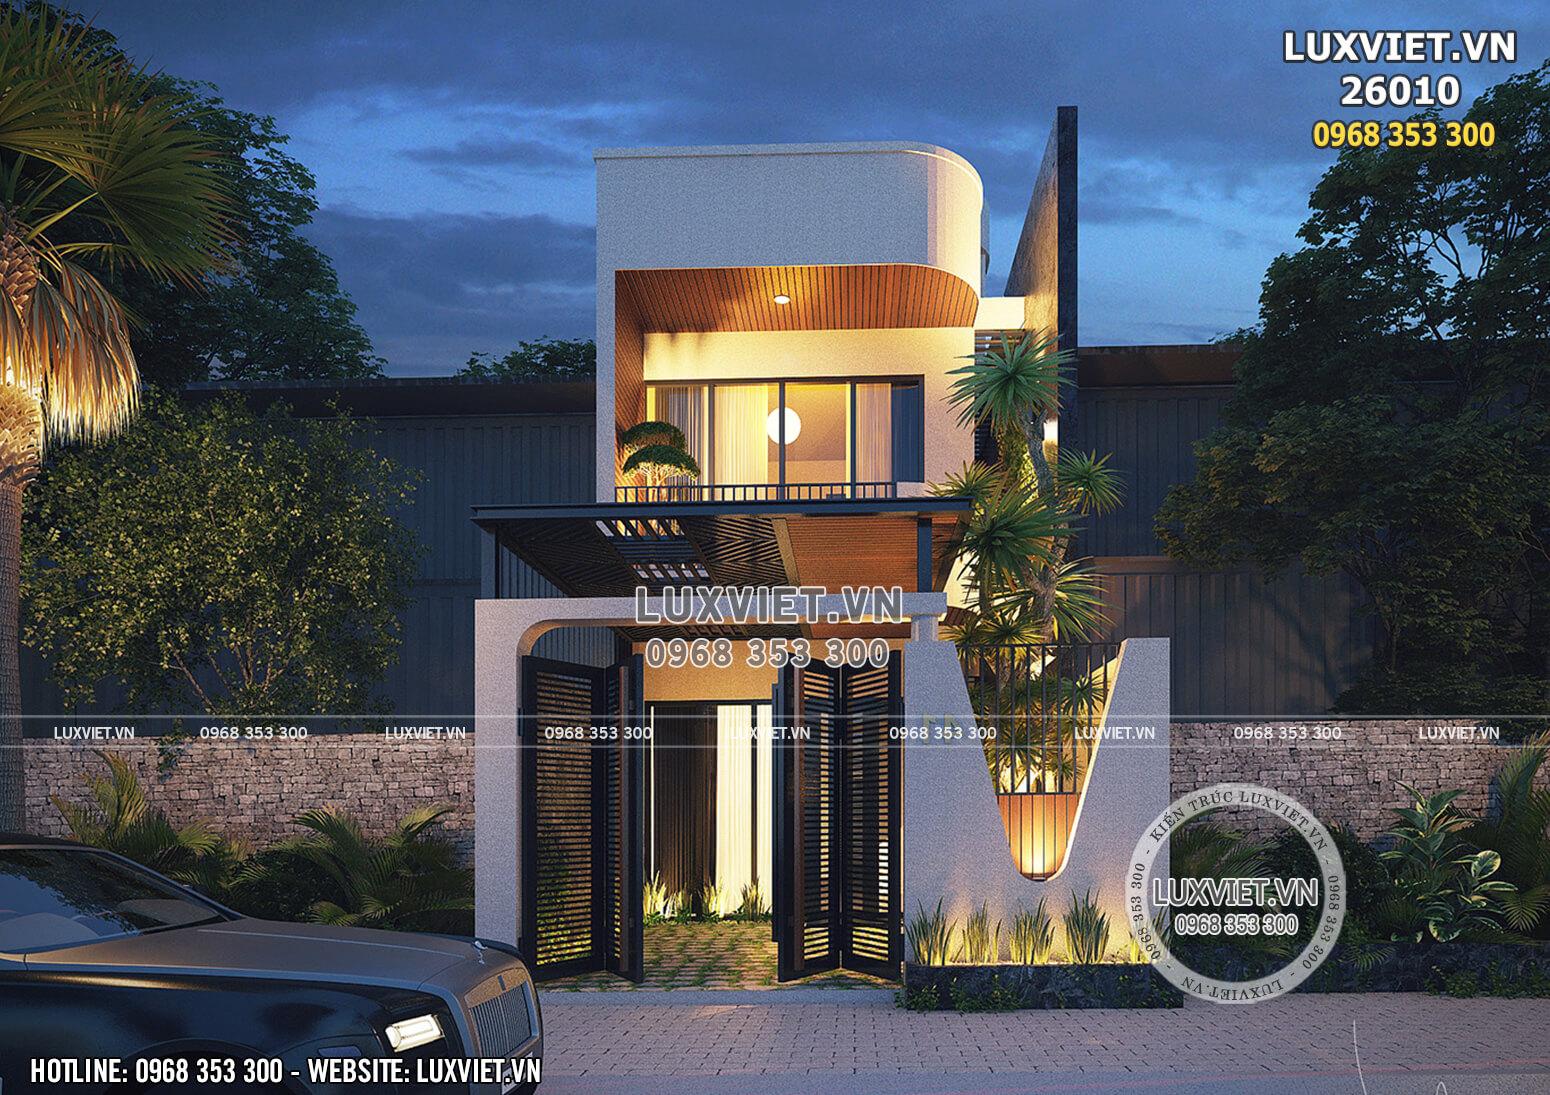 Hình ảnh: Mẫu nhà 2 tầng mặt tiền 4m đẹp - LV 26010